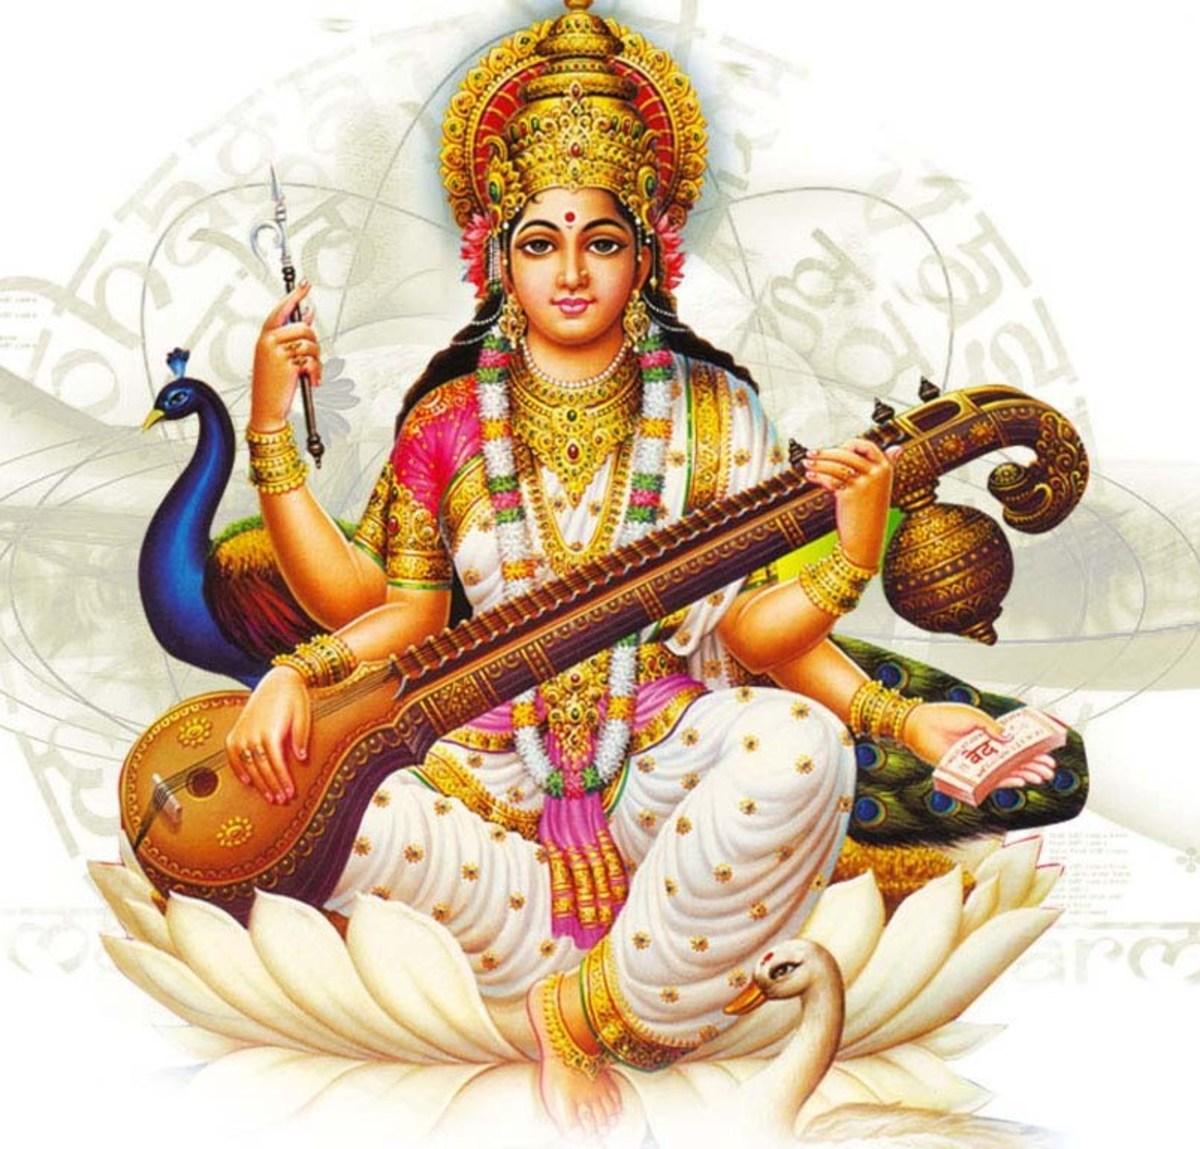 Hindu Goddess Saraswathi ( purity, learning)  seated on a white lotus.